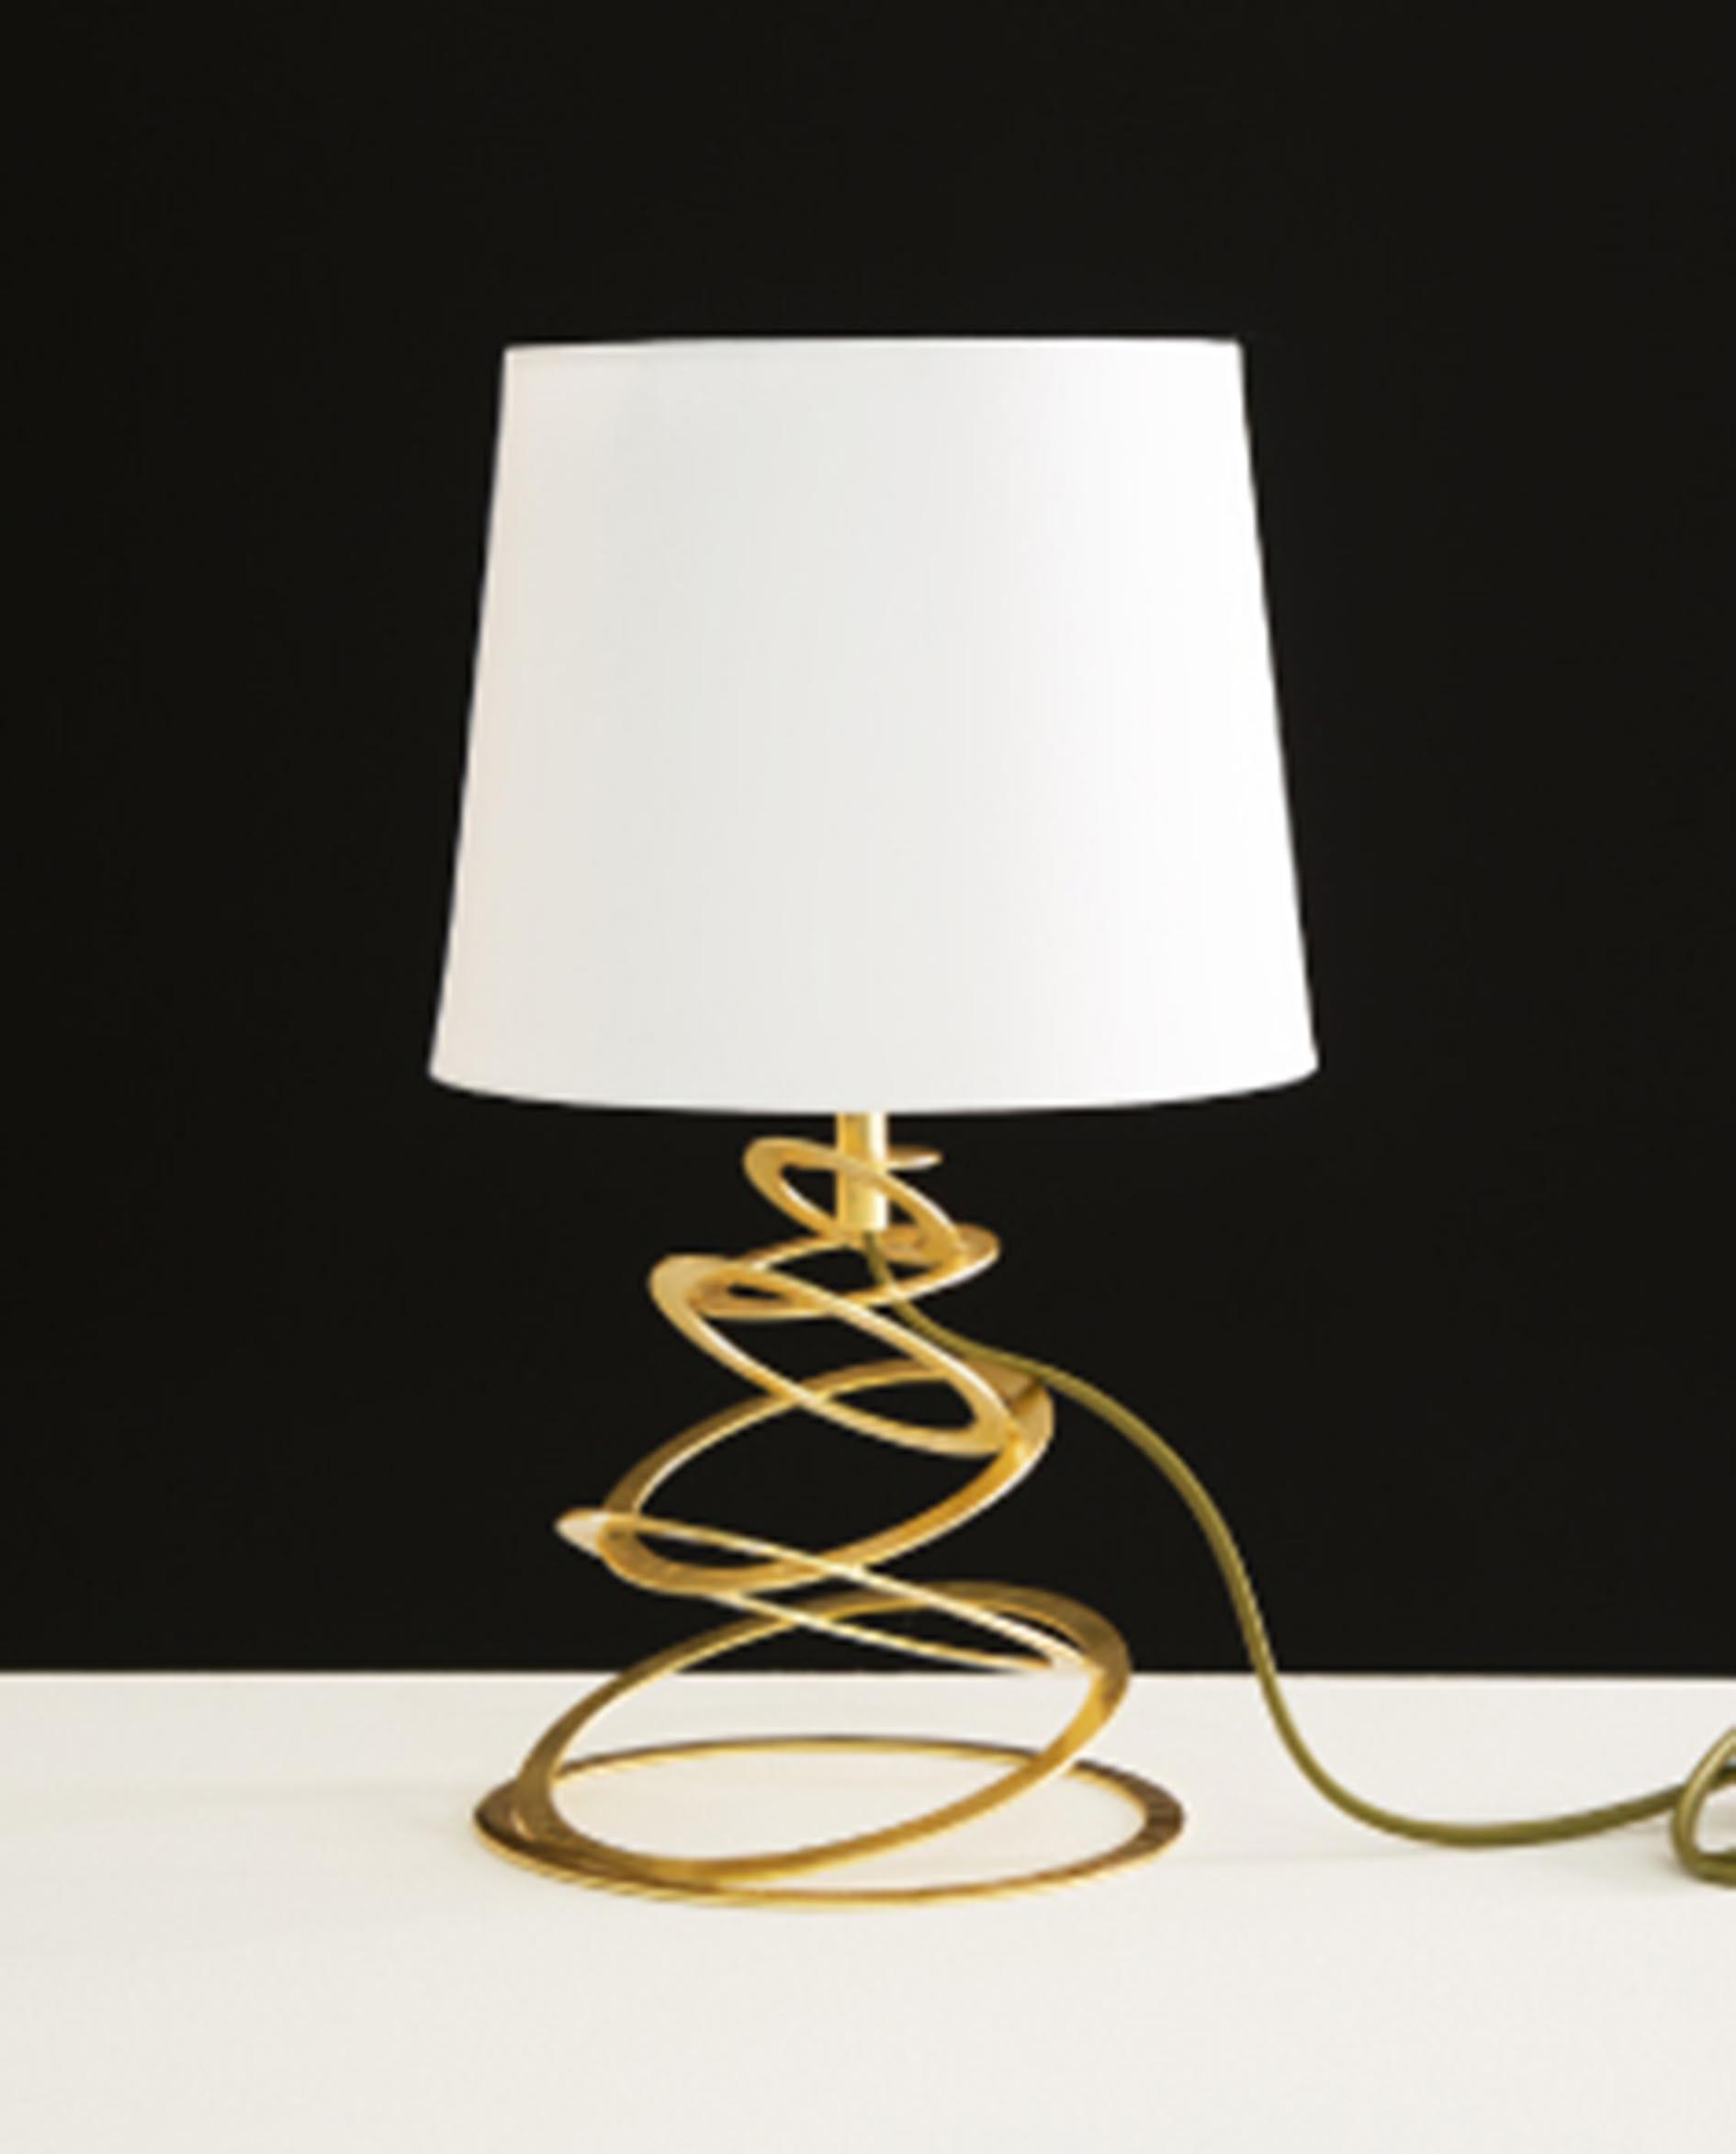 lampadari da interni : ... da parete fiore diffusore in .... Images : lampade da esterno a parete